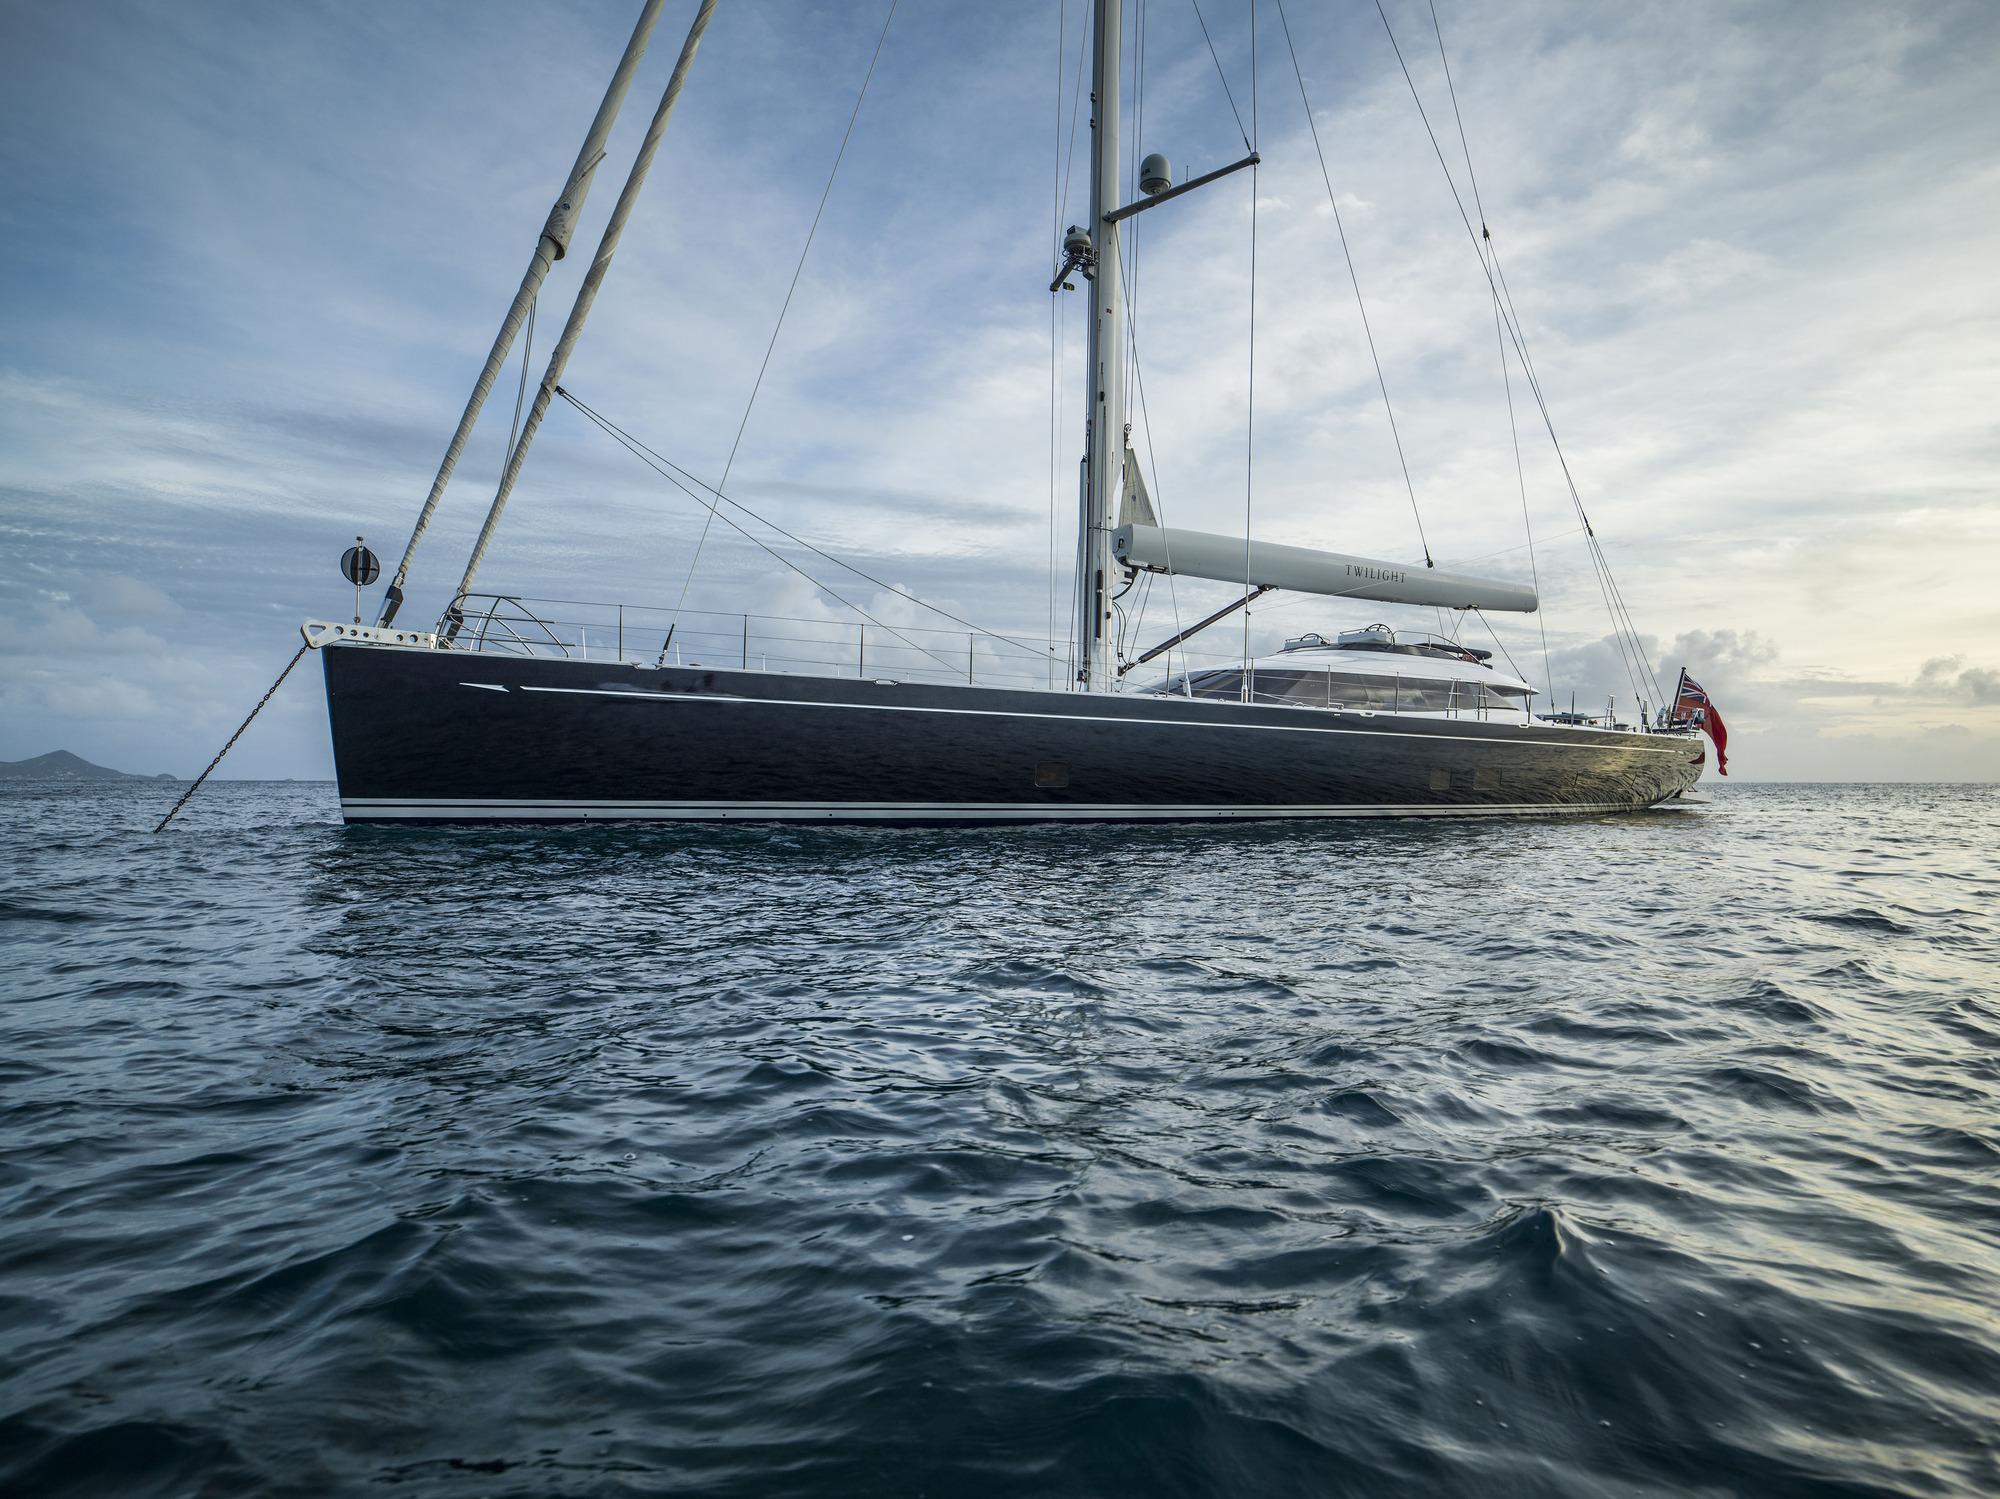 SY TWILIGHT - Yacht